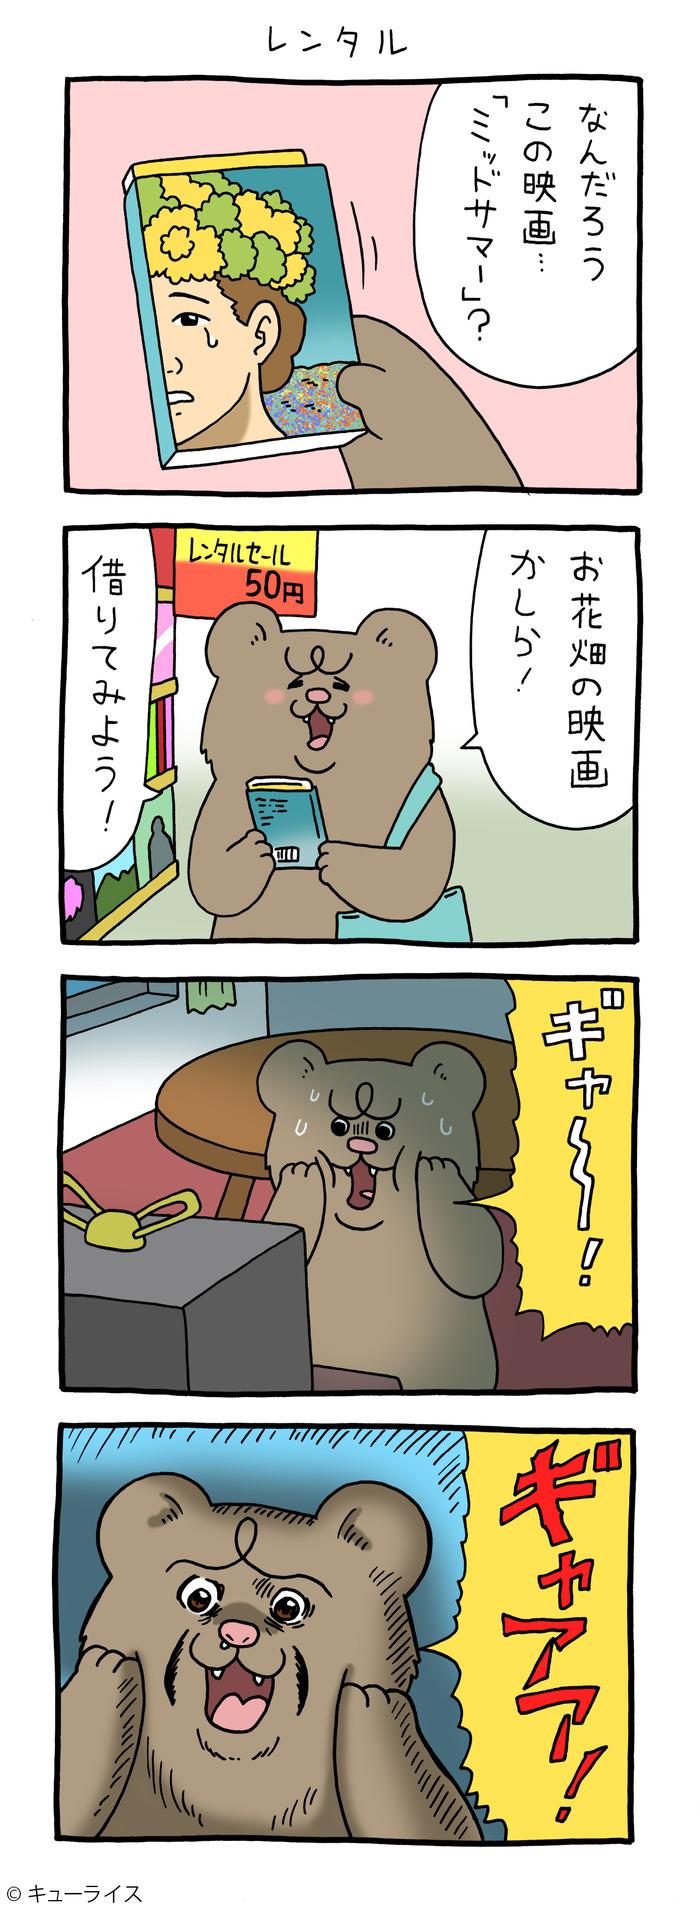 悲熊 ミッドサマー のコピー